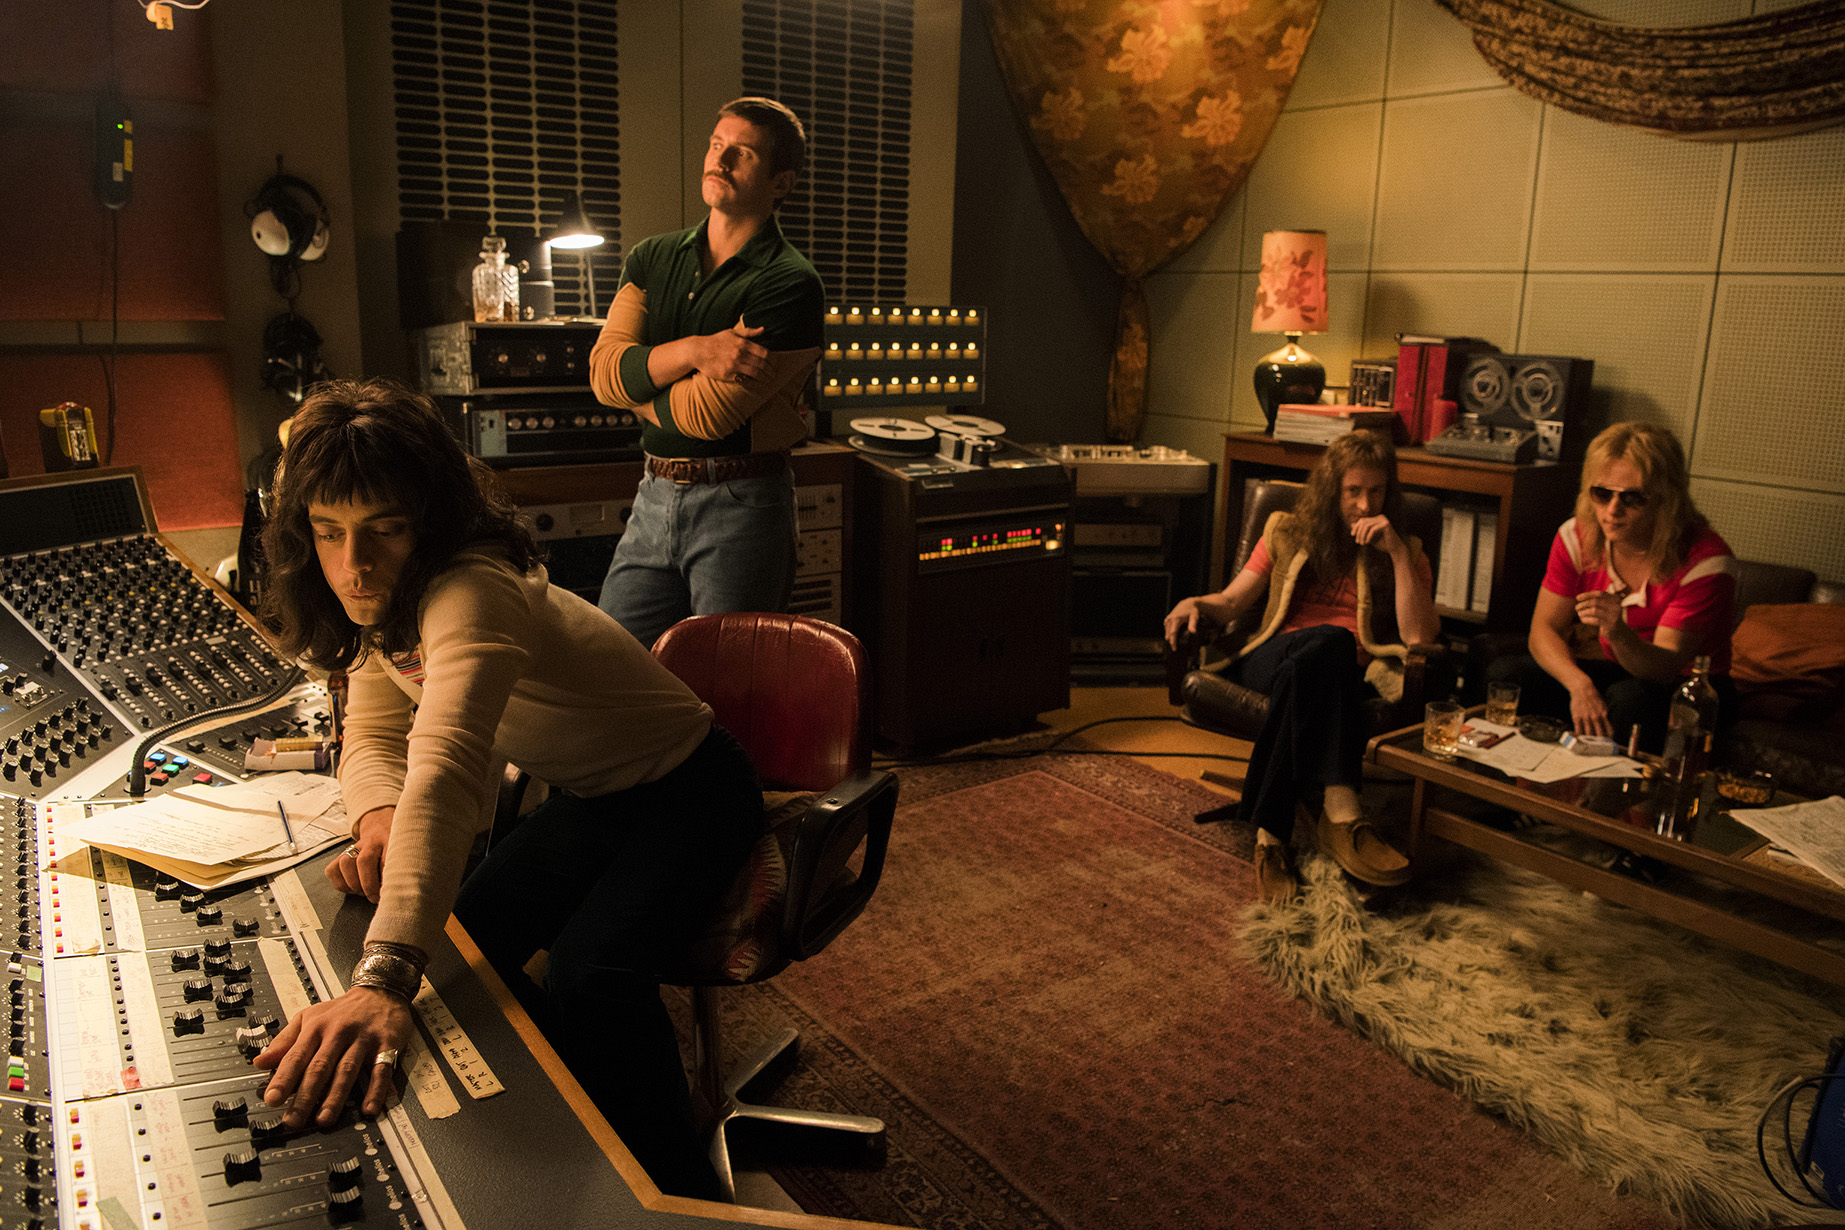 Estrenos: Bohemian Rhapsody acapara el foco de atención de las propuestas de la semana